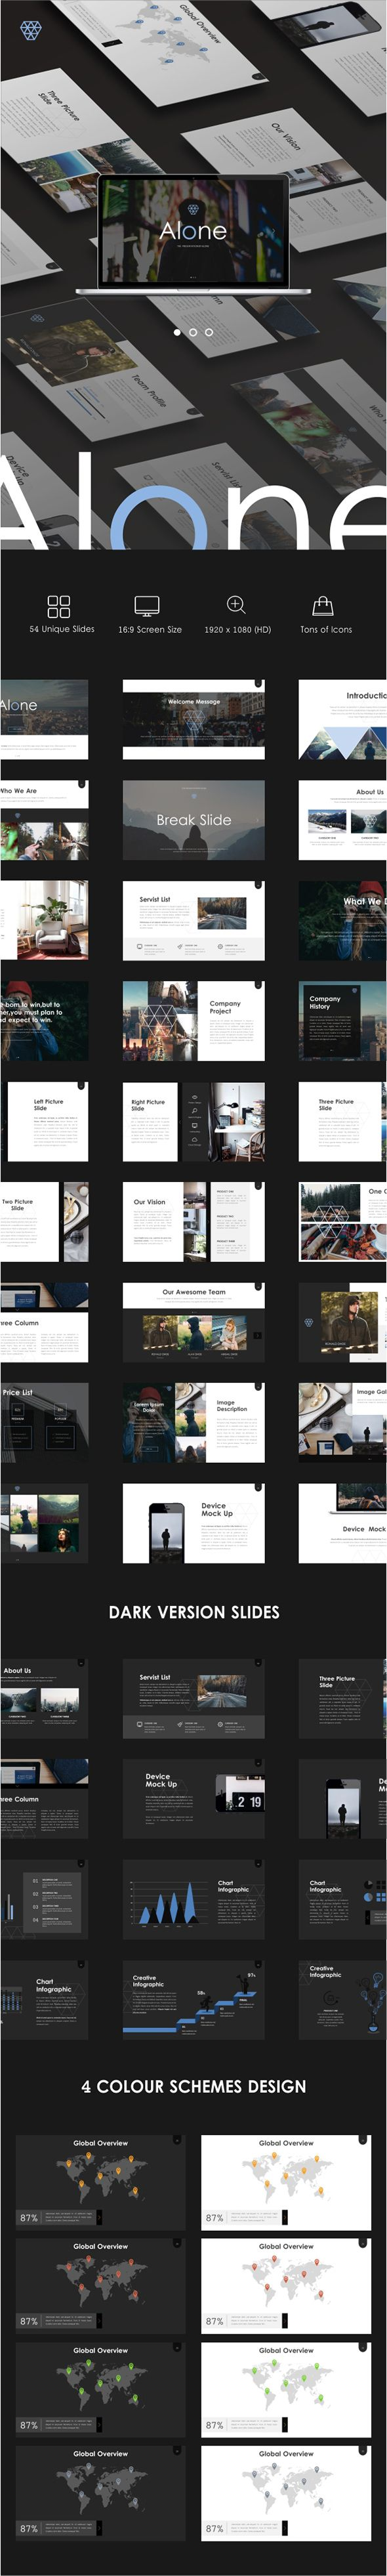 Alone - Powerpoint Template - 54 Unique Slides